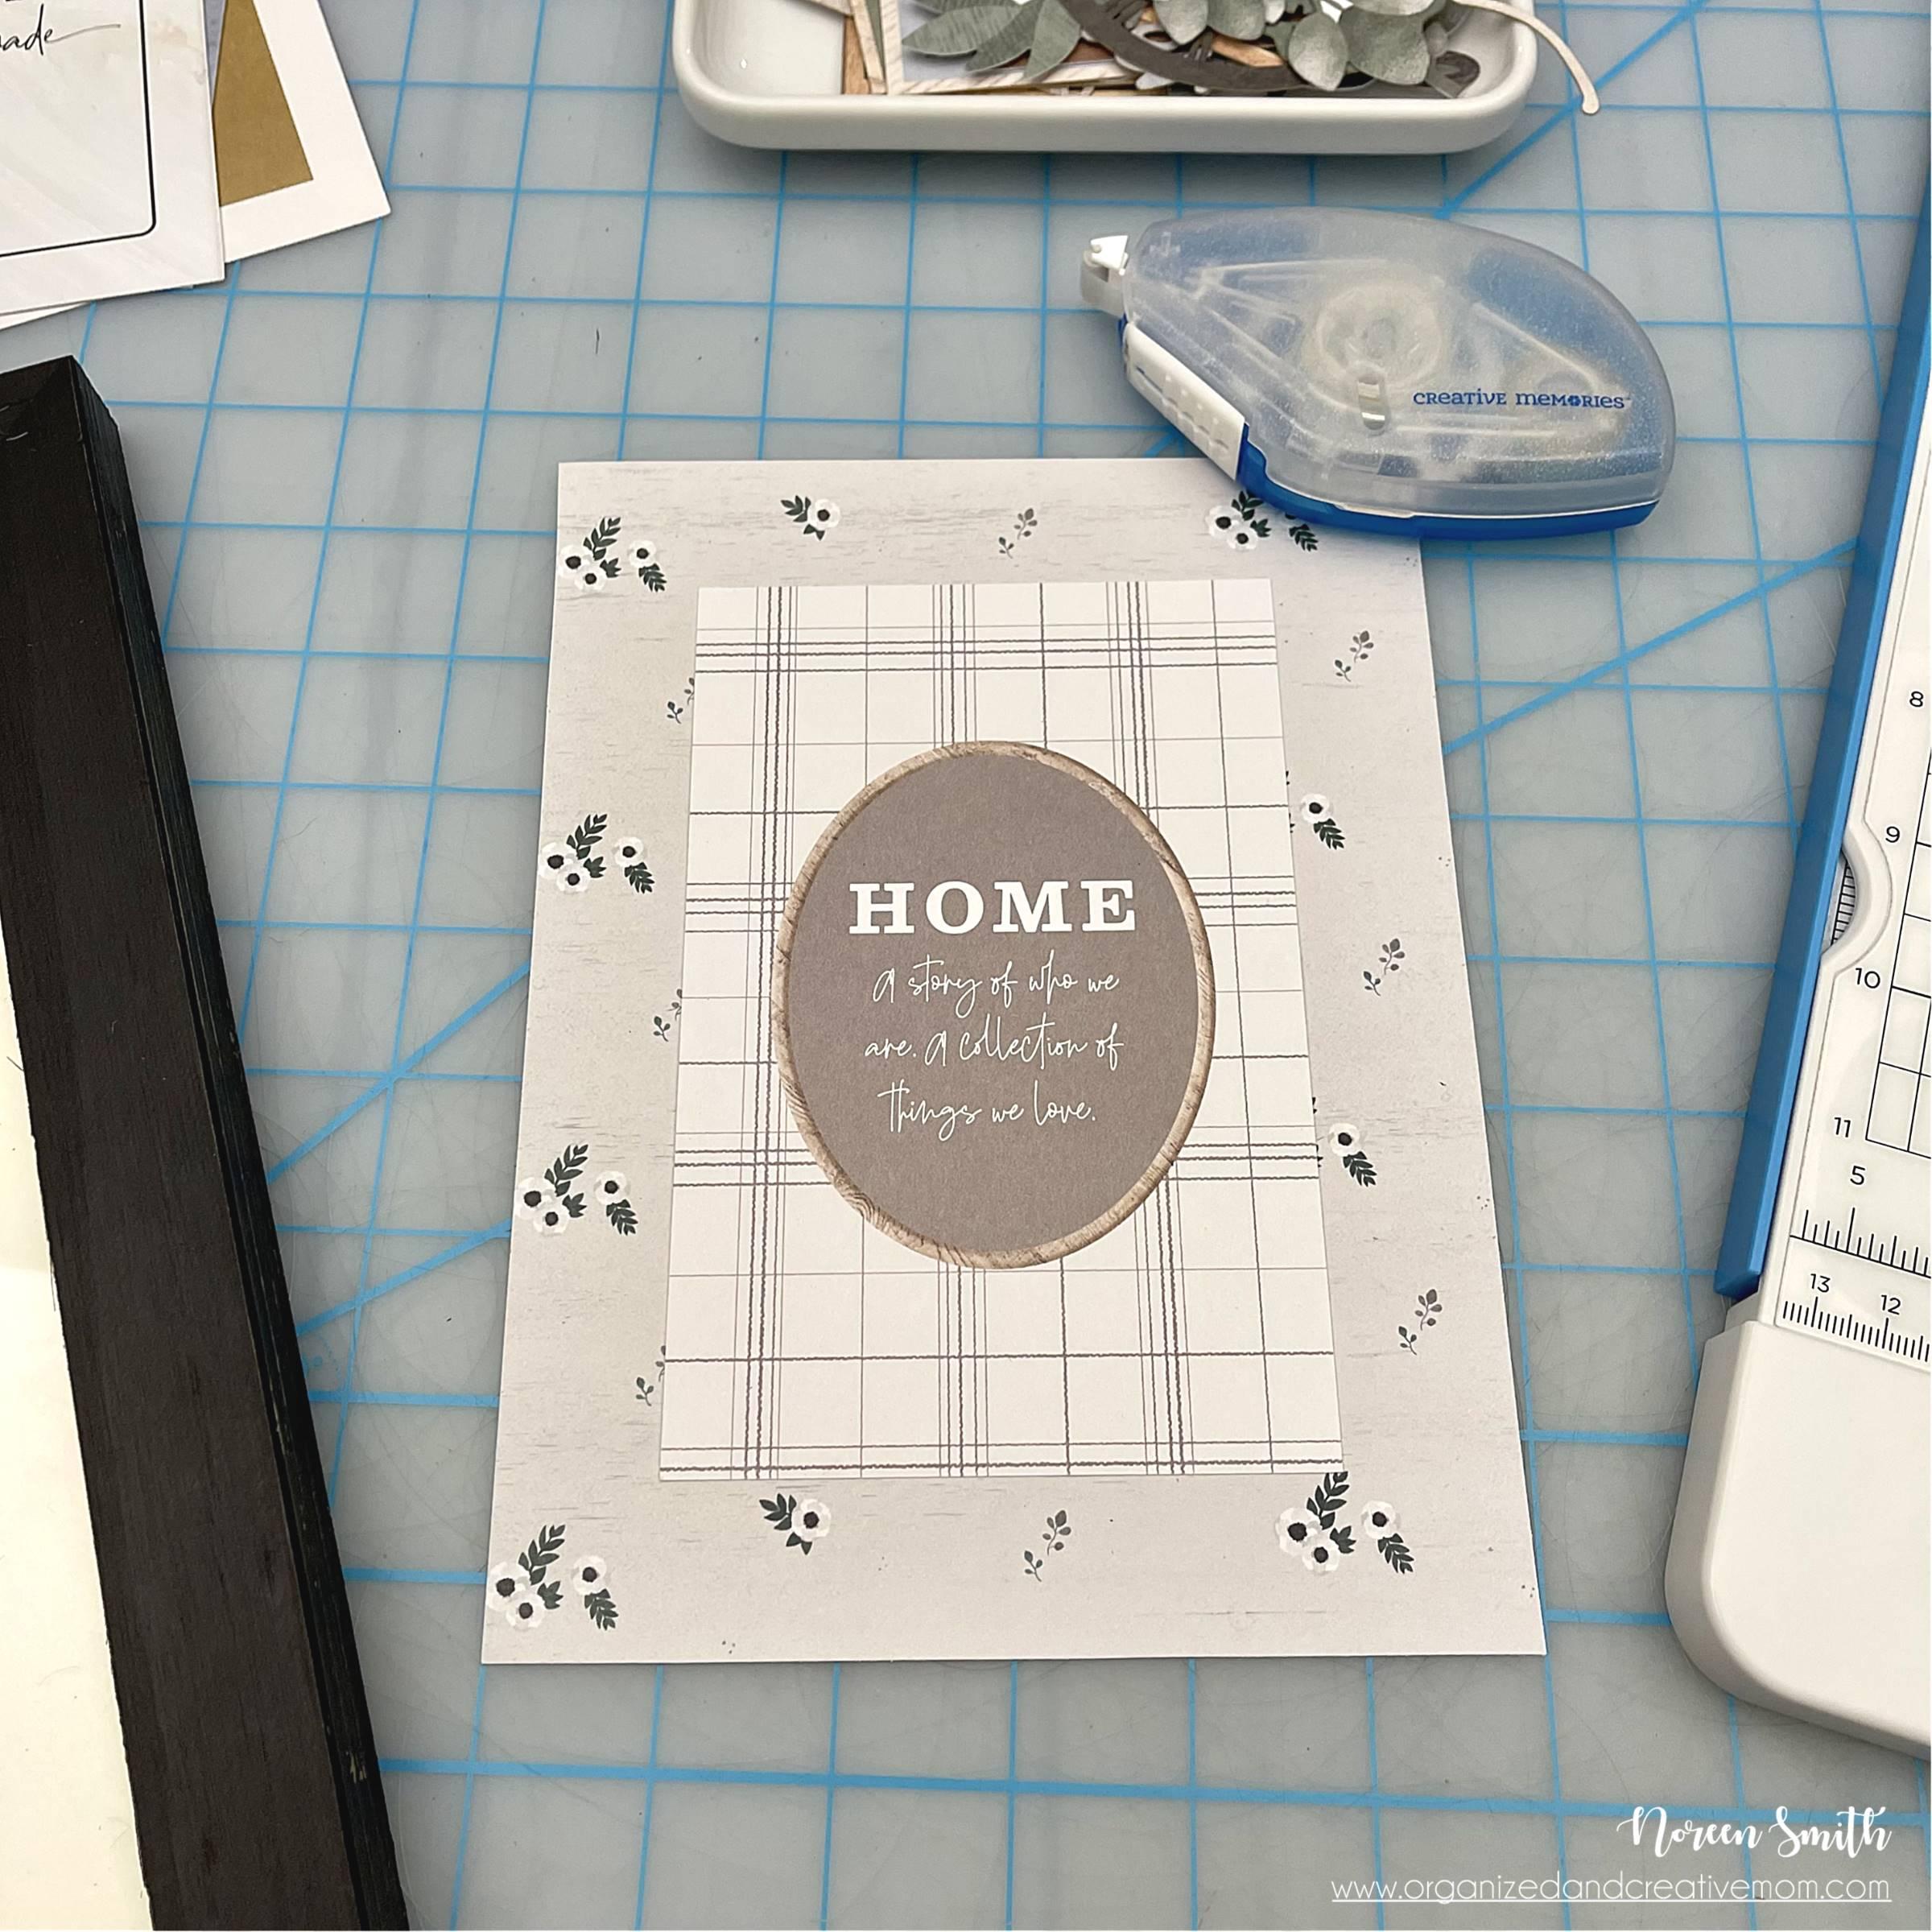 Noreen Smith - Creative Memories -1